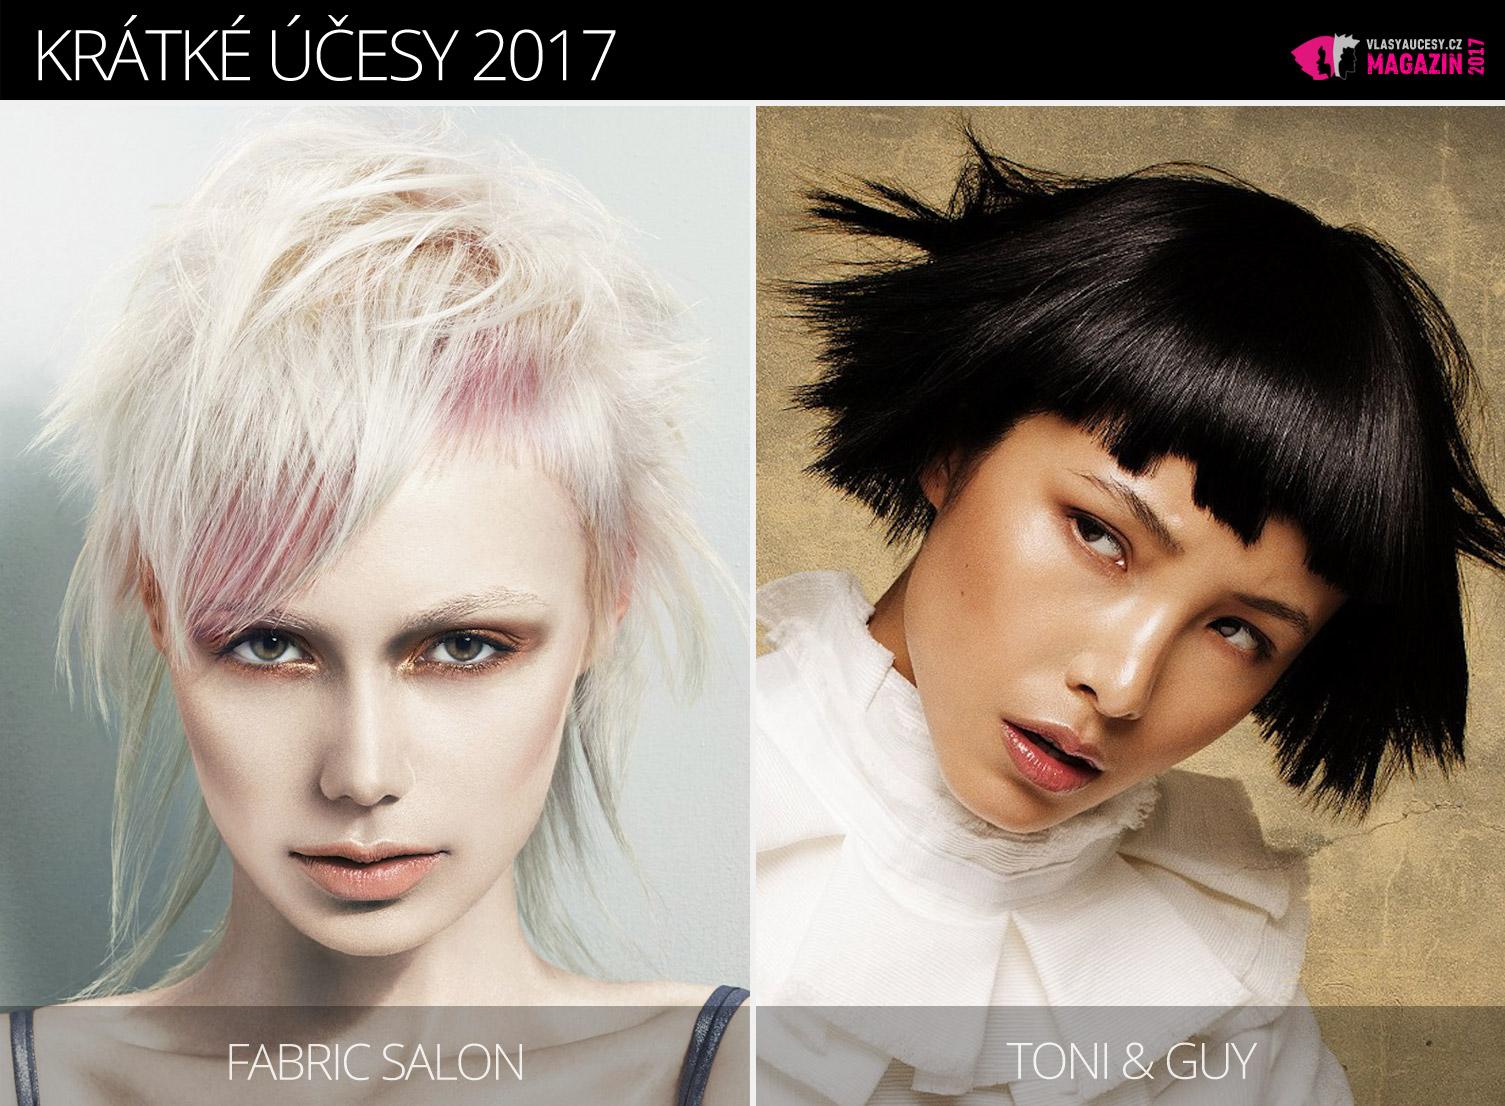 Tipy redakce magazínu Vlasy a účesy na trendy krátké účesy zima 2017. Účesy pro krátké vlasy 2017 jsou z kolekcí Fabric Salon a Toni&Guy.